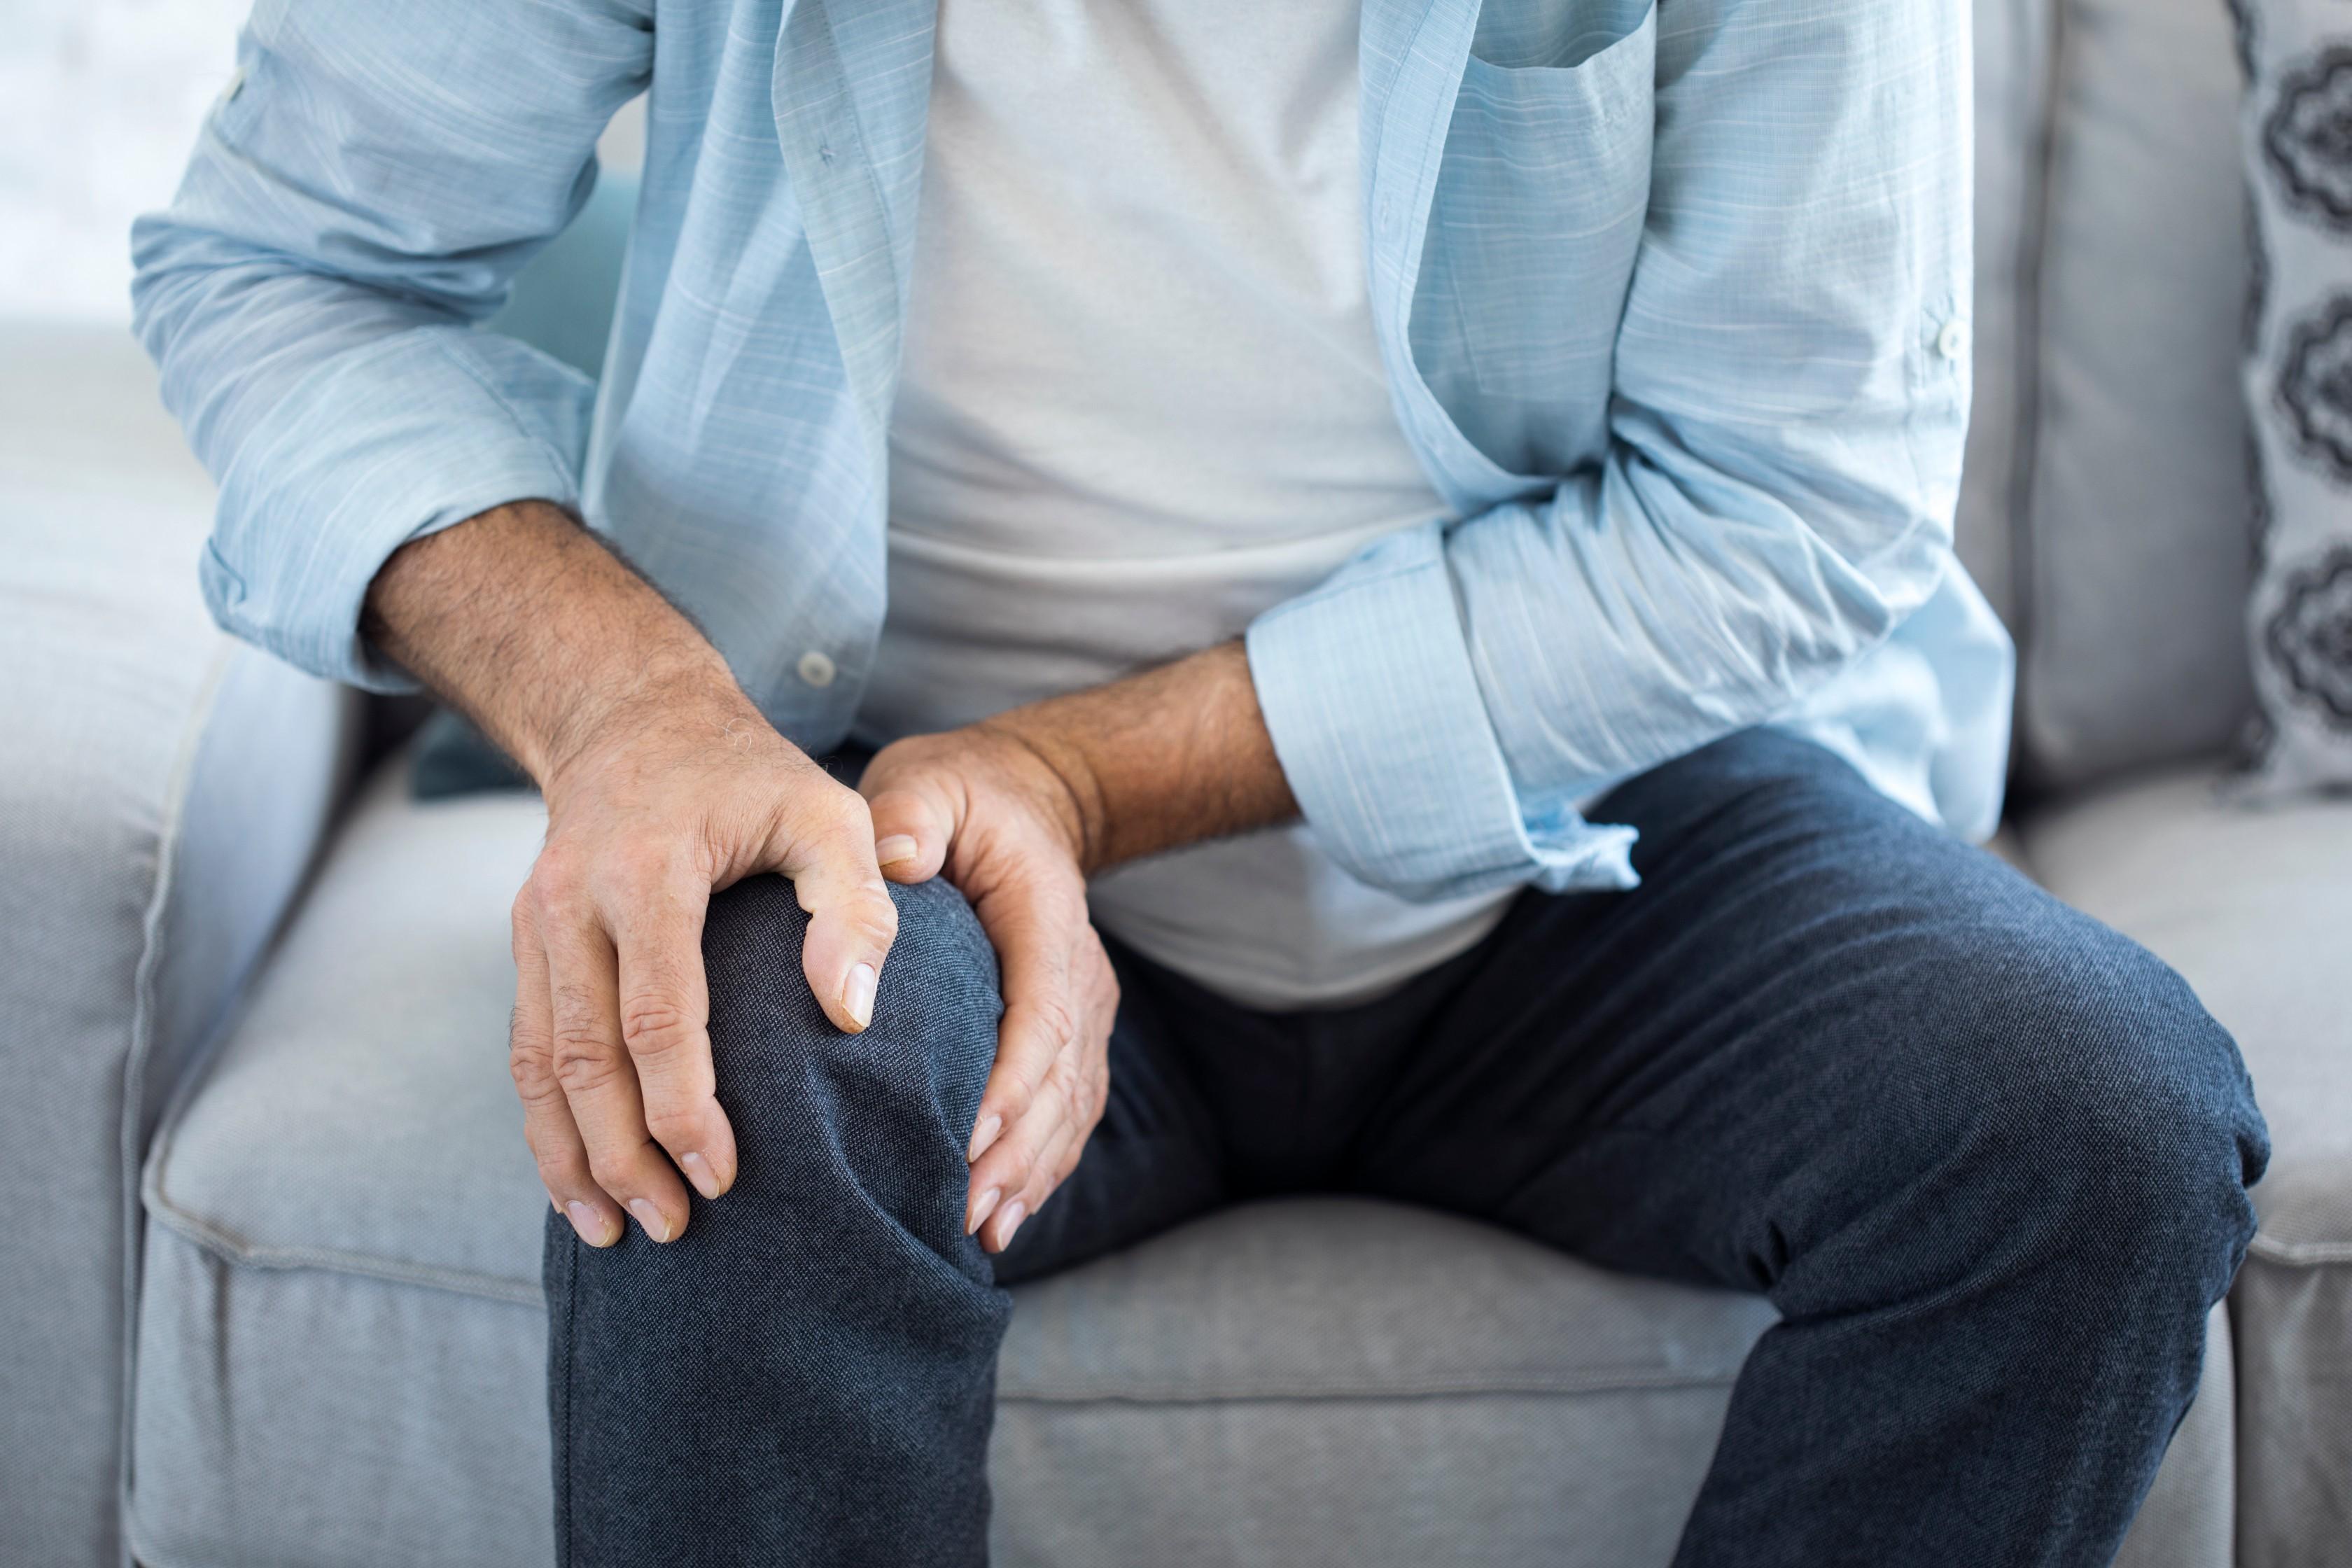 hogyan lehet kezelni az ecsetízület ízületi gyulladását